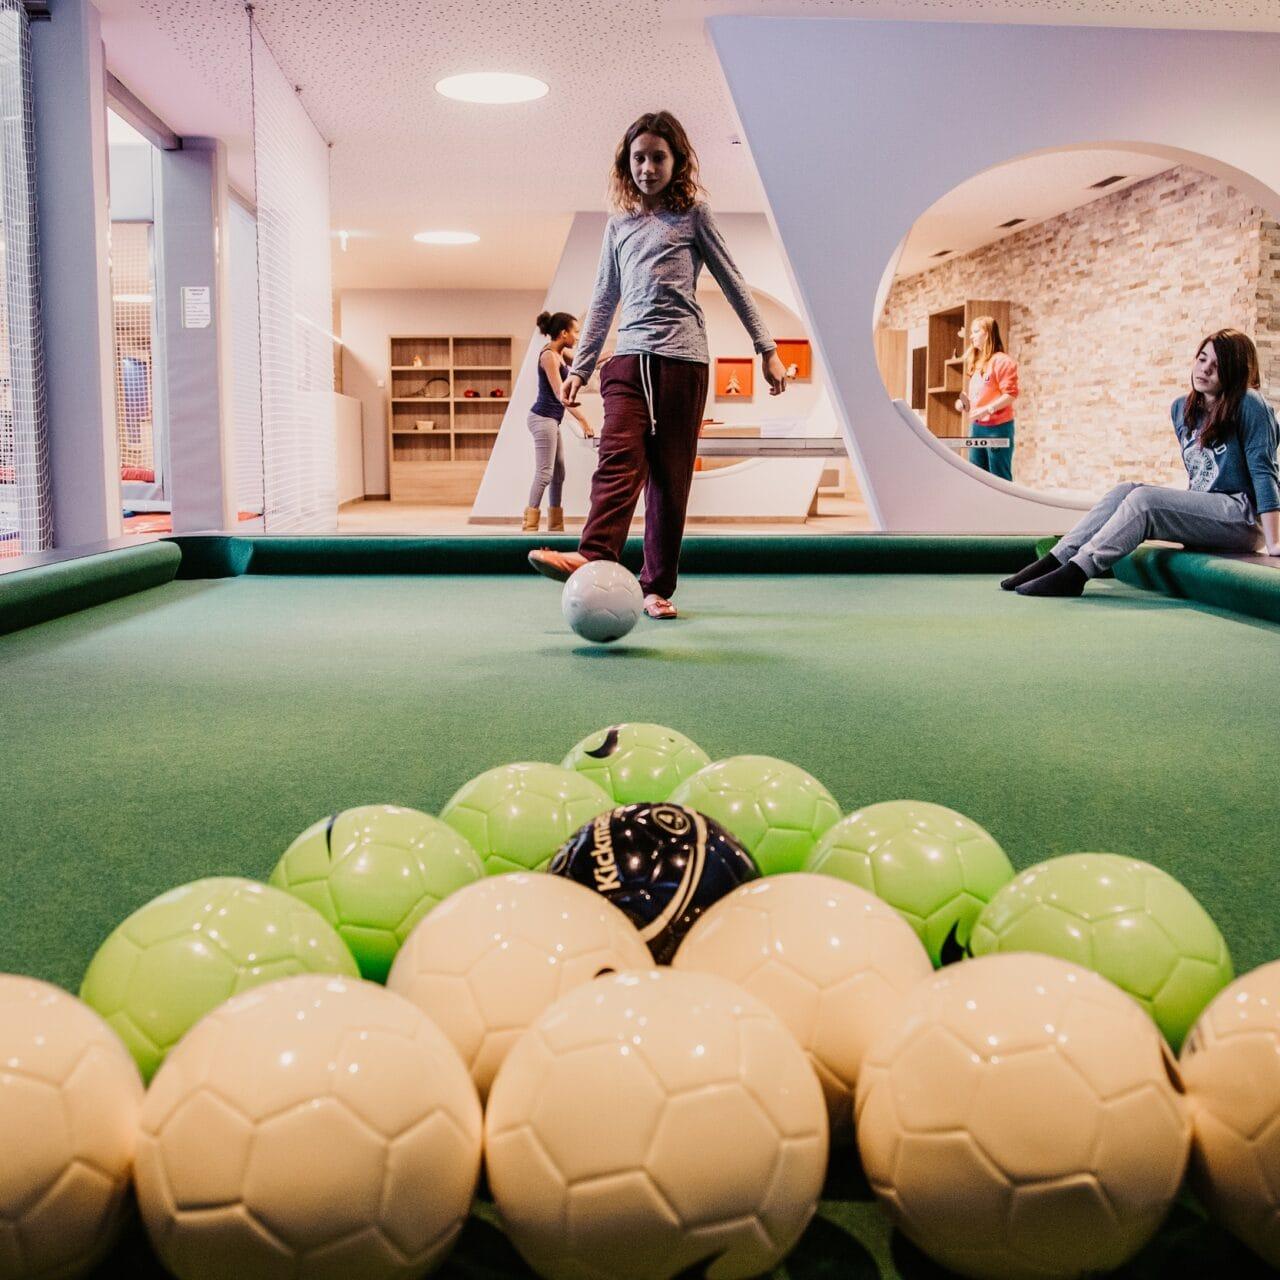 HOFGUT-apartment-lifestyle-resort-familienurlaub-poolball.